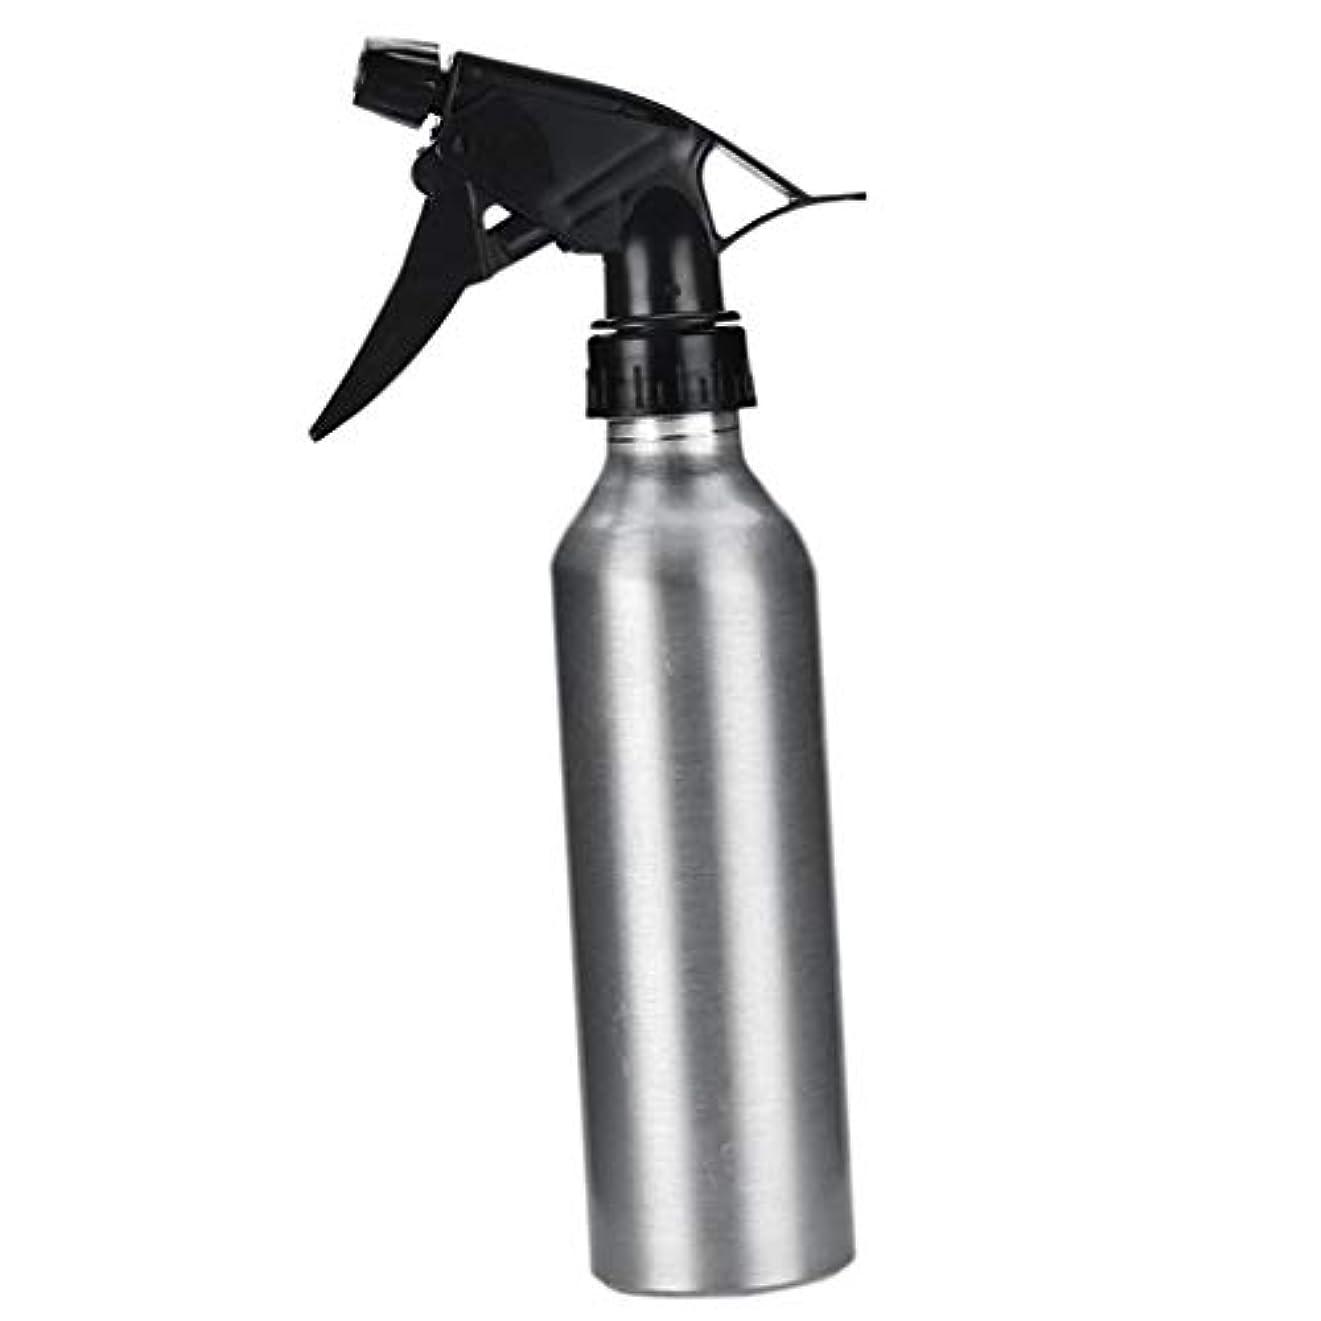 海外義務彼らのDYNWAVE アルミ スプレーボトル 化粧品ボトル 霧吹き 詰め替え容器 漏れ防止 園芸料理用美髪師用噴霧器全2色 - 銀